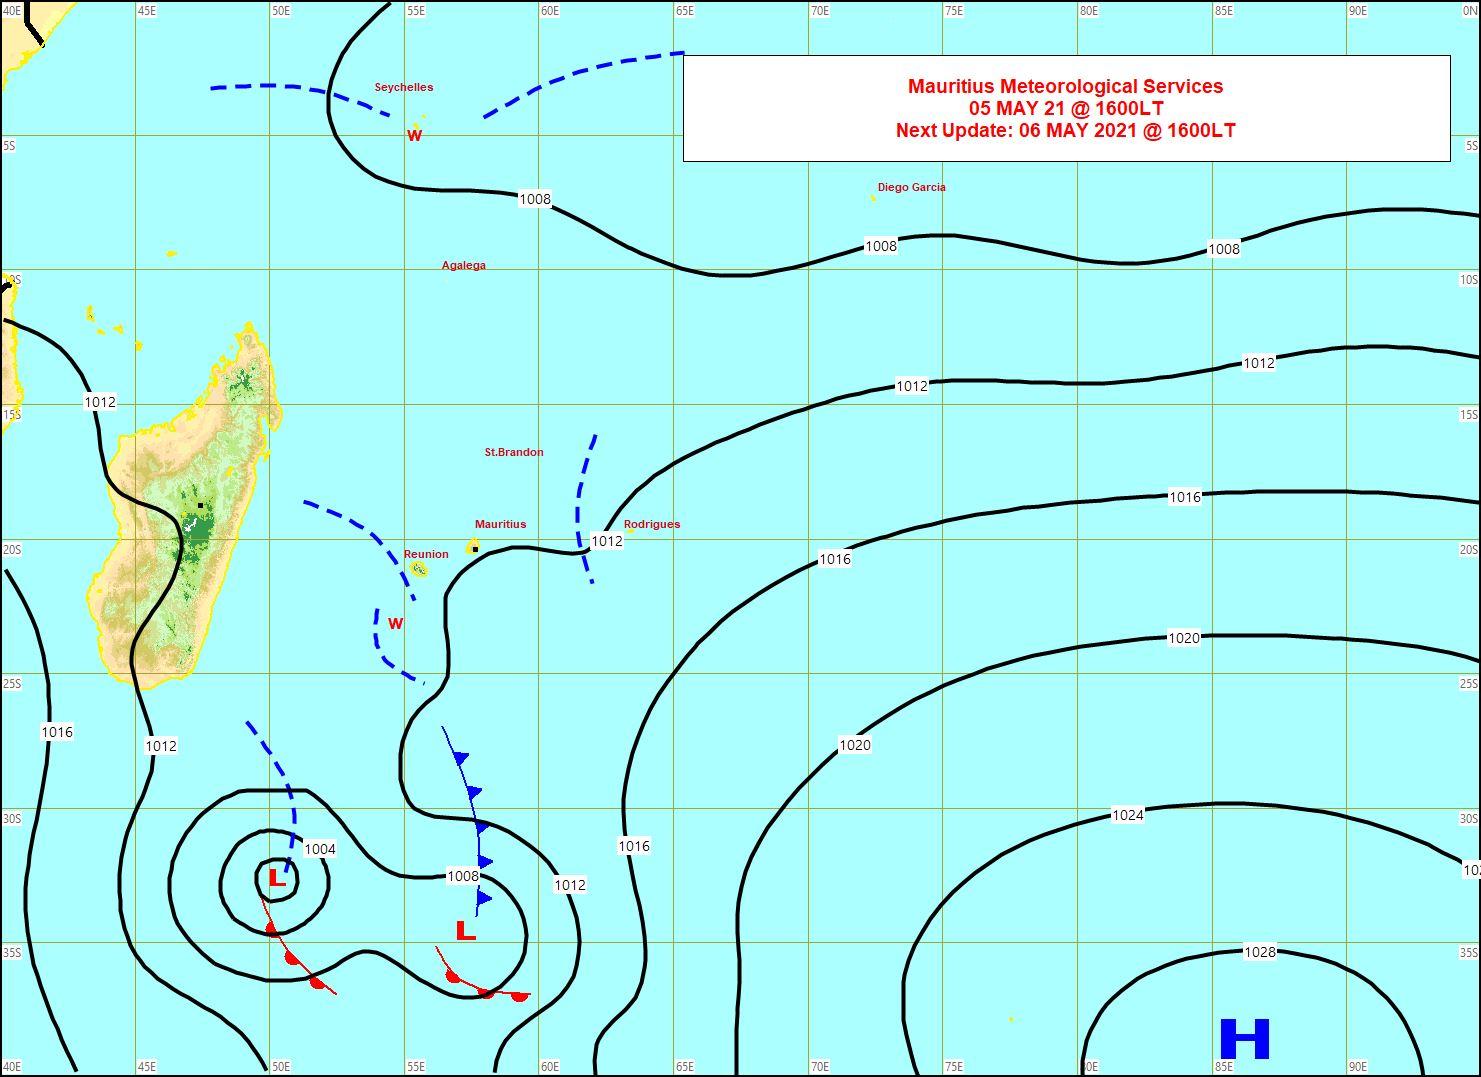 Analyse de la situation de surface de ce Mercredi à 16heures. La ligne de convergence (w) se trouve à proximité Ouest de la RÉUNION. Elle se prolonge par un Front Froid plus au Sud. Une ligne d'instabilité évolue entre MAURICE et RODRIGUES. La Dépression extra-tropicale au Sud-Est de MADA s'éloigne de notre zone. Une zone d'instabilité évolue entre les SEYCHELLES et AGALÉGA. MMS/Vacoas.